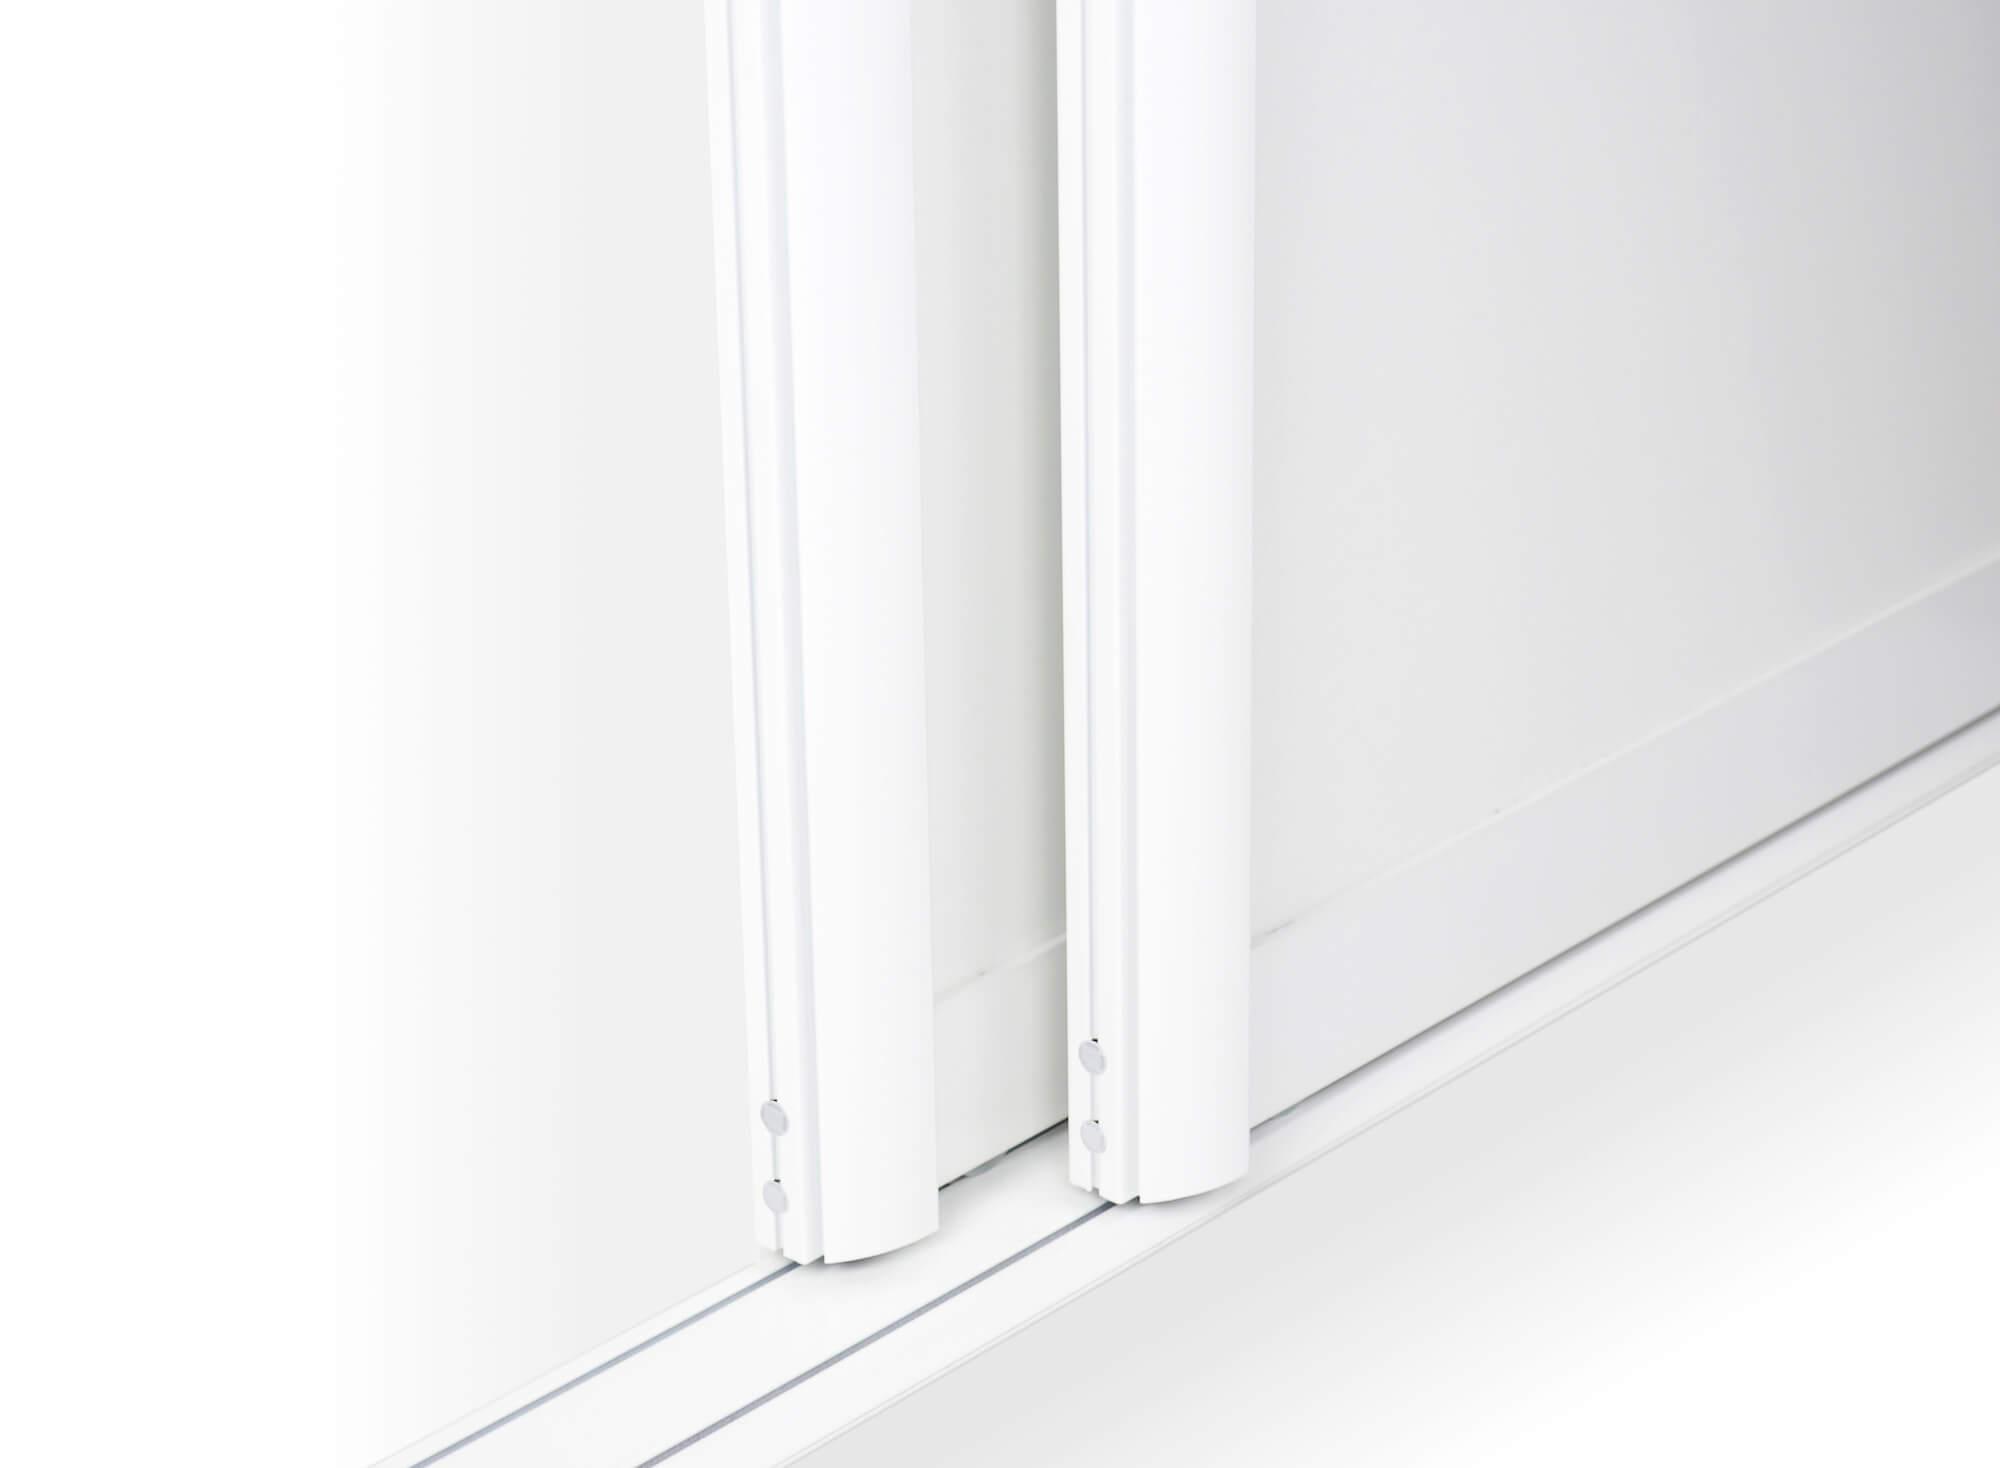 BS-Komfort mit Rahmentyp C10 Weiß Matt Lackierter Schiebetür-Bausatz für Schrank-/Nischentüren